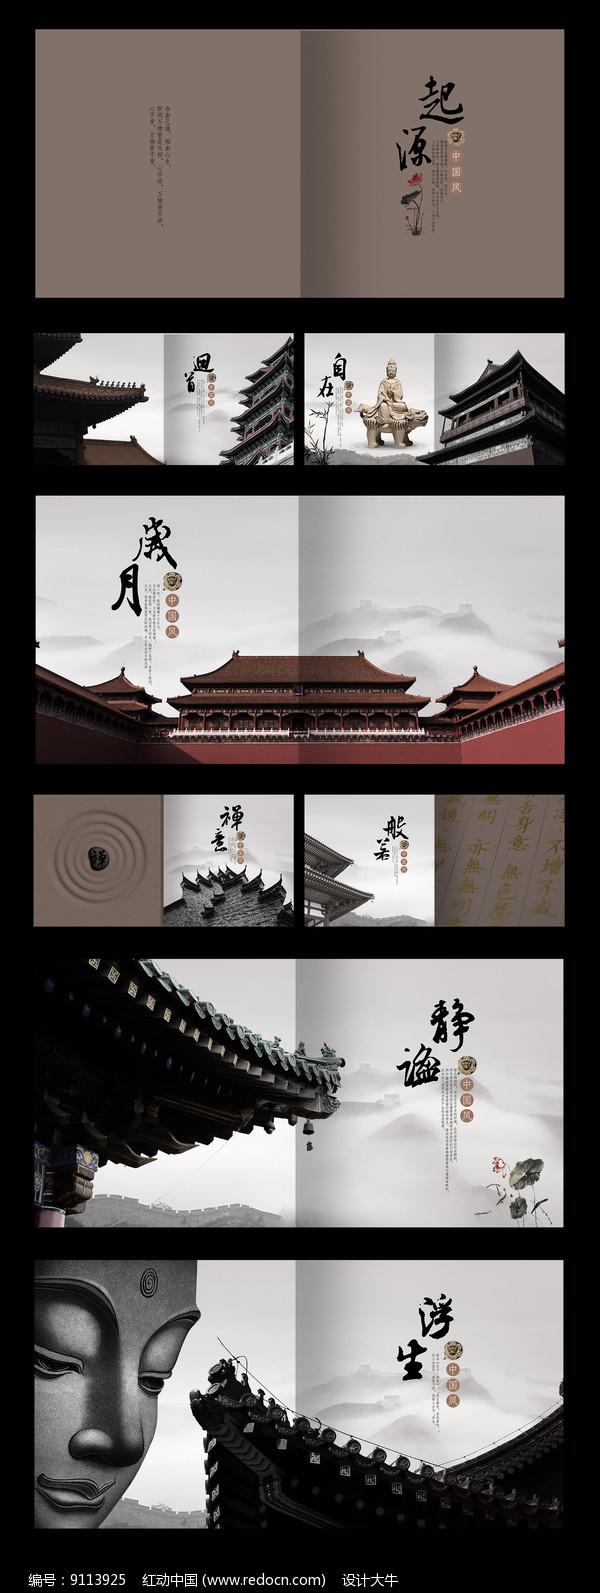 中国风古建筑画册图片